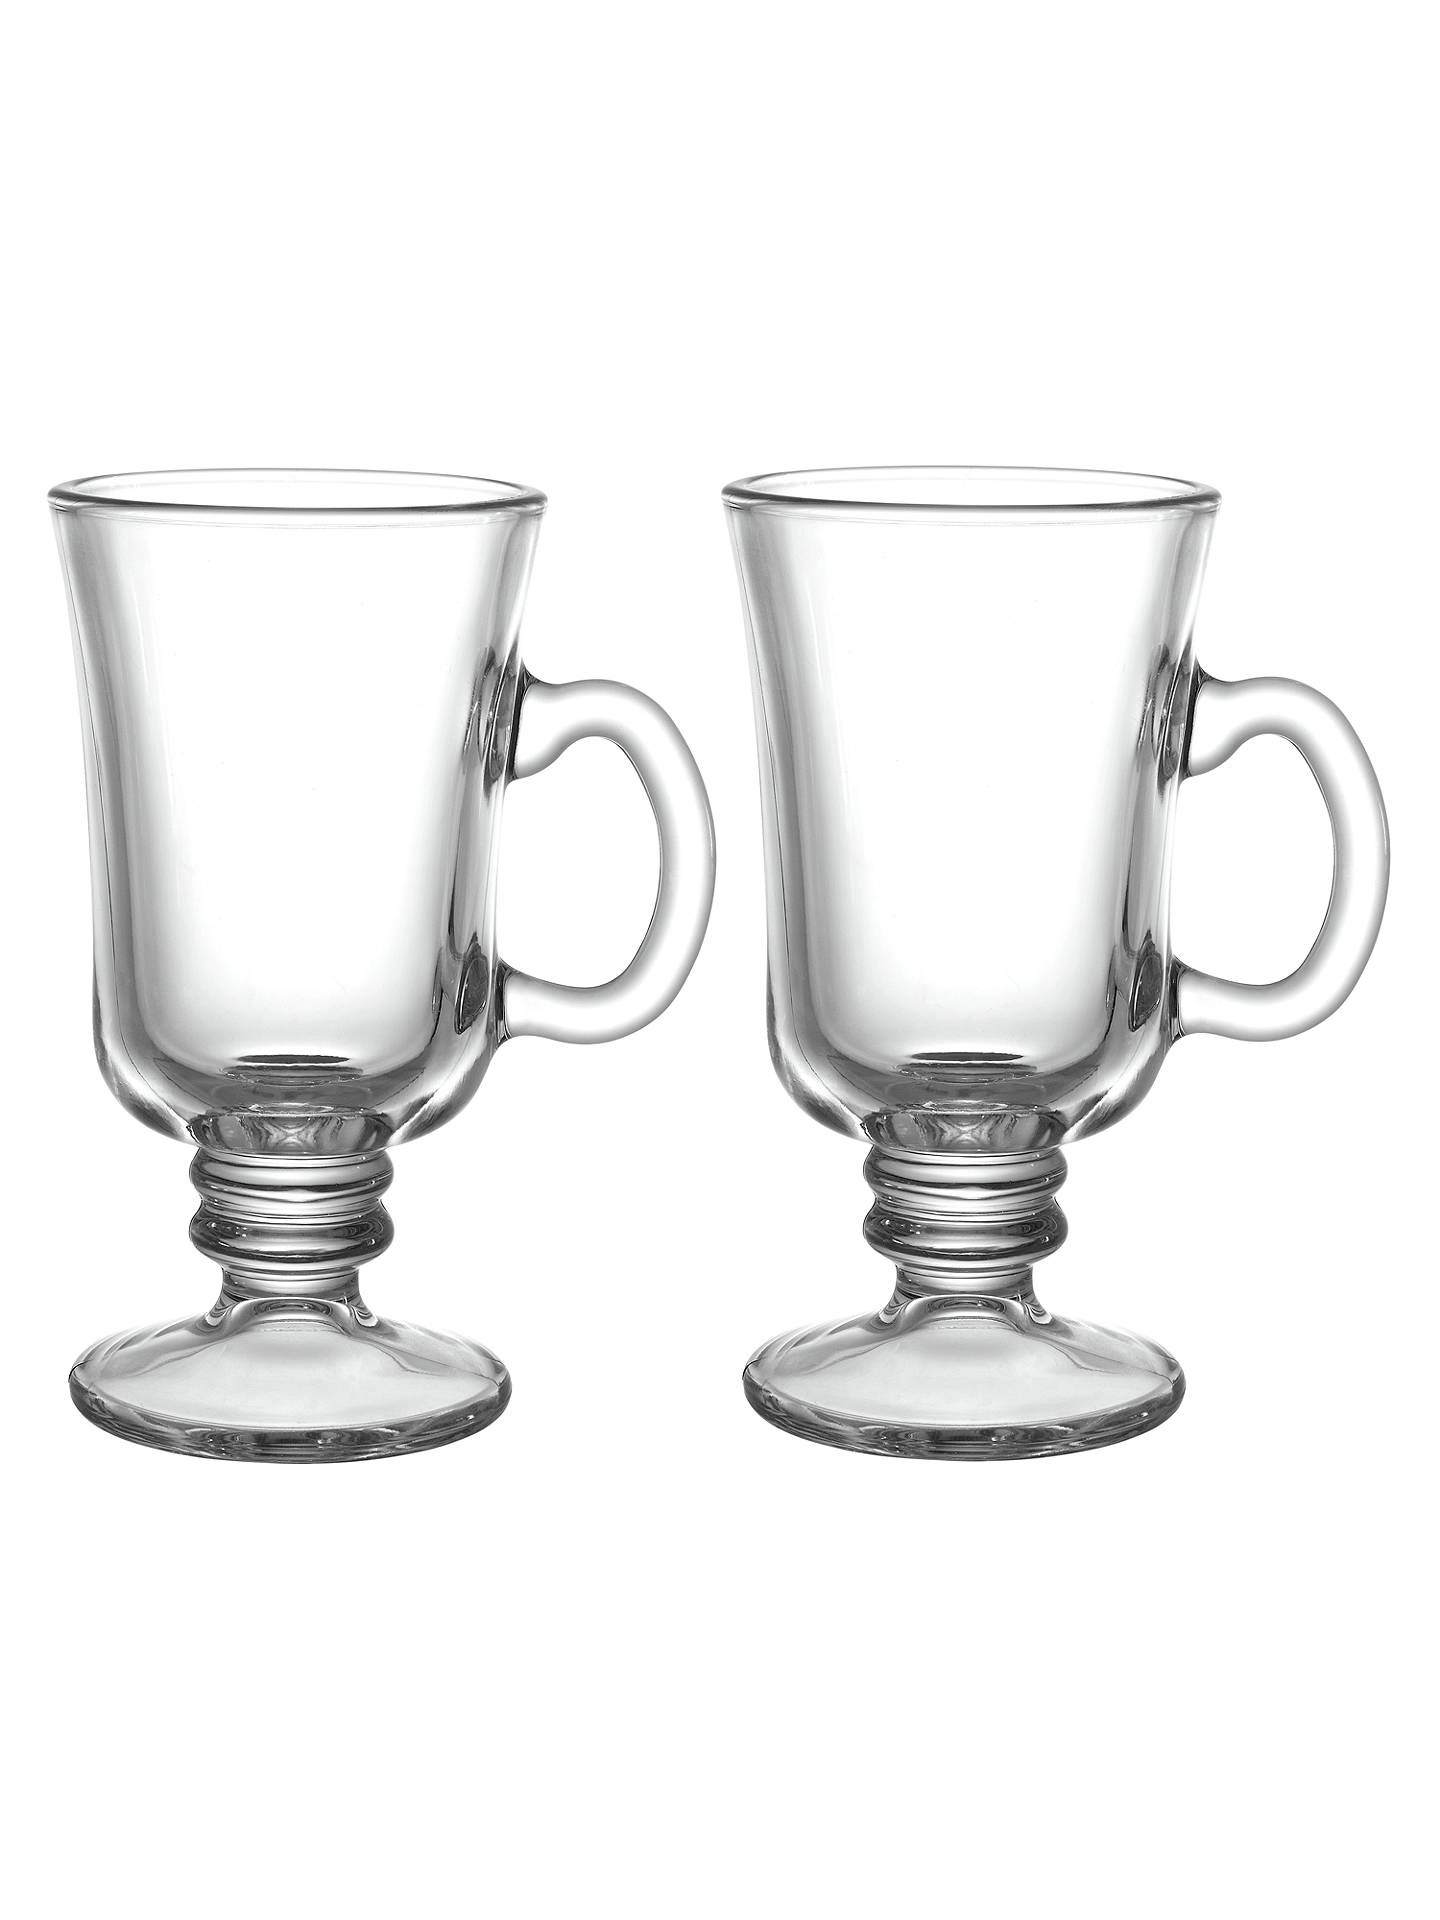 John Lewis Café Irish Coffee Cups Set Of 2 At John Lewis